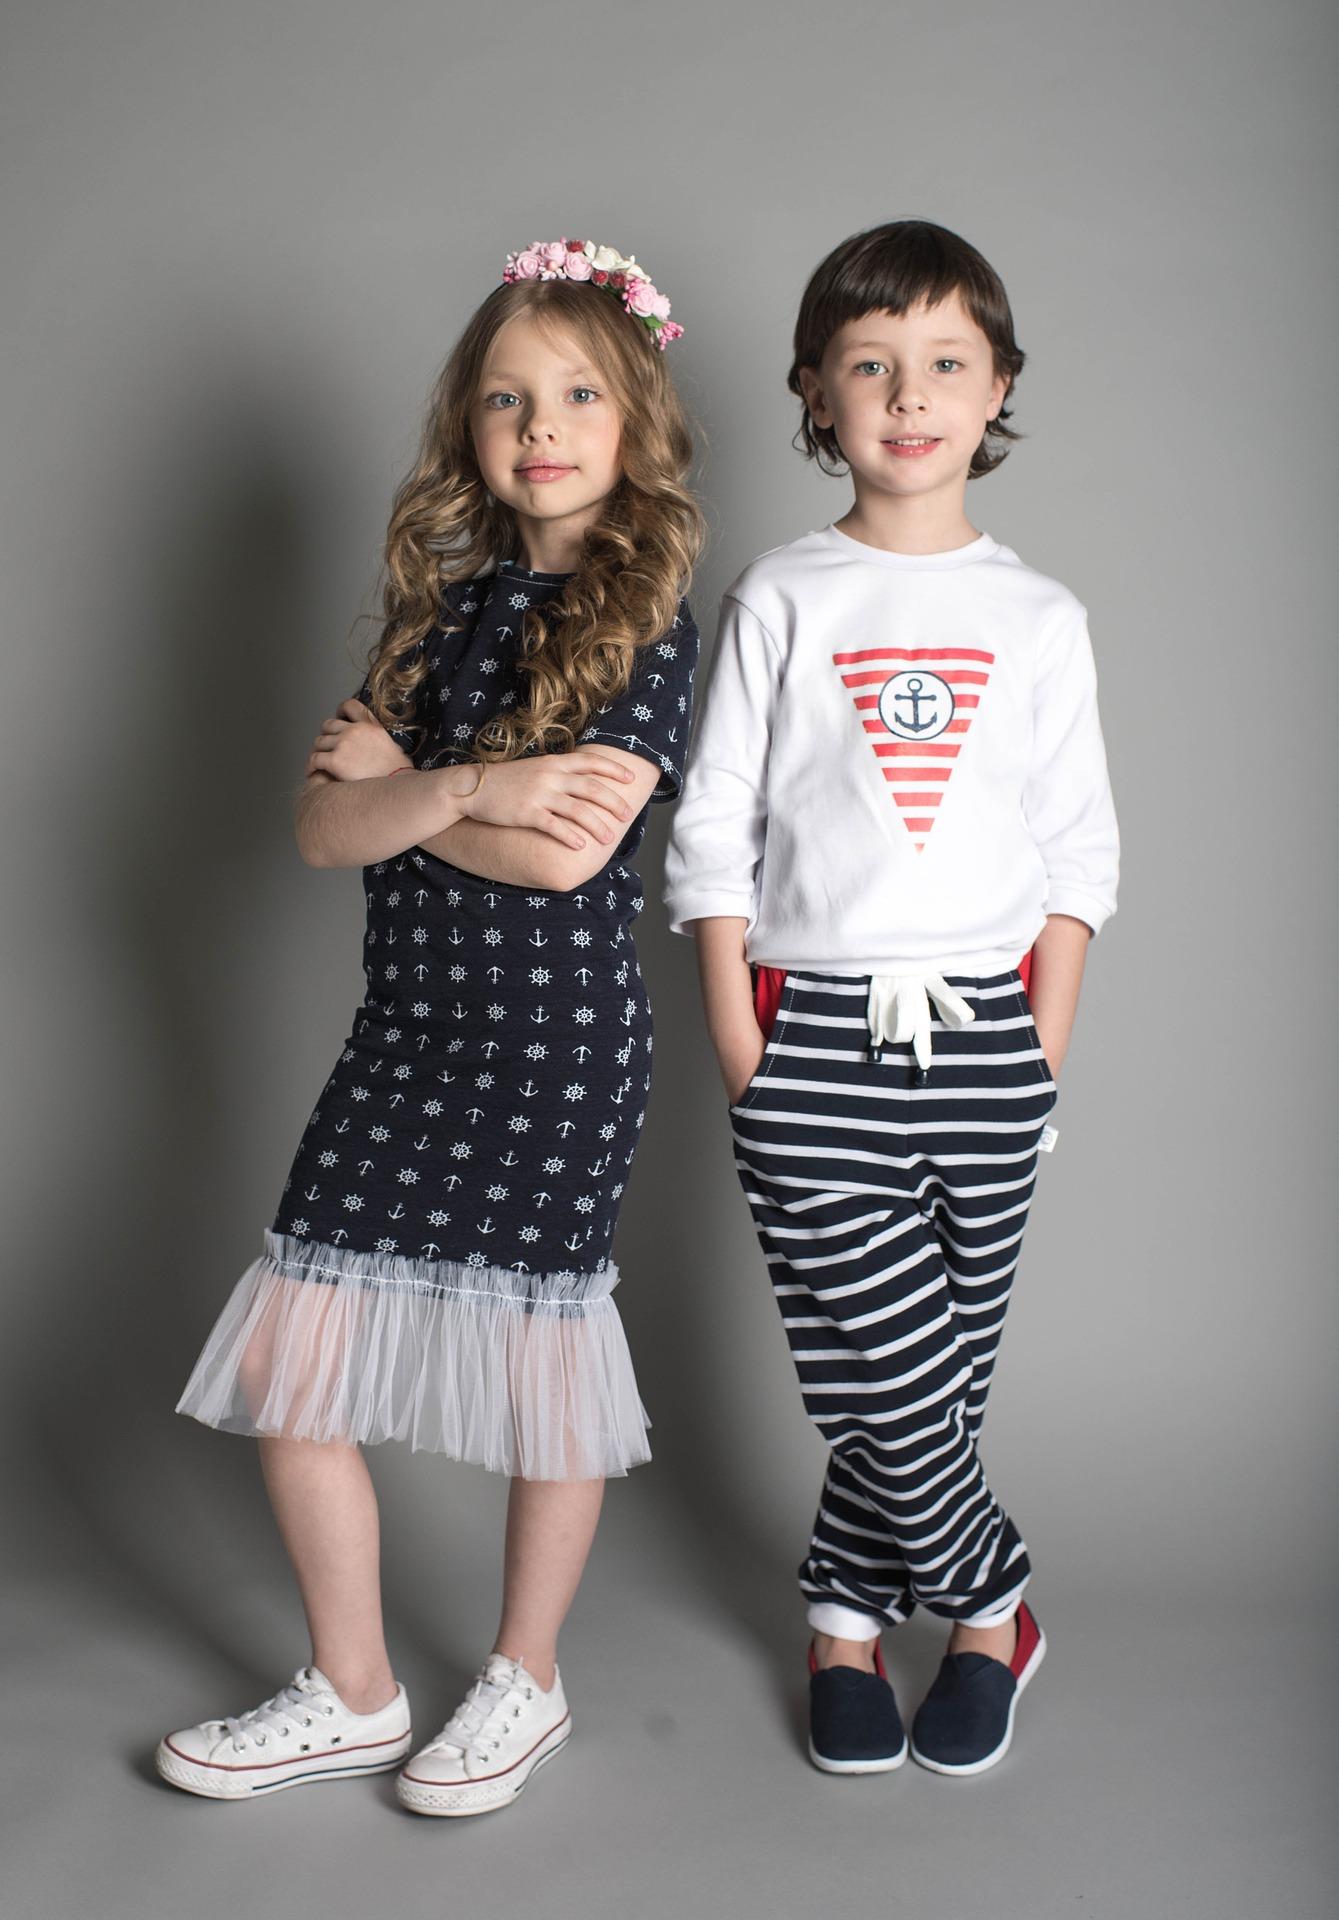 Le migliori offerte per abbigliamento all'ingrosso per bambini del 2020